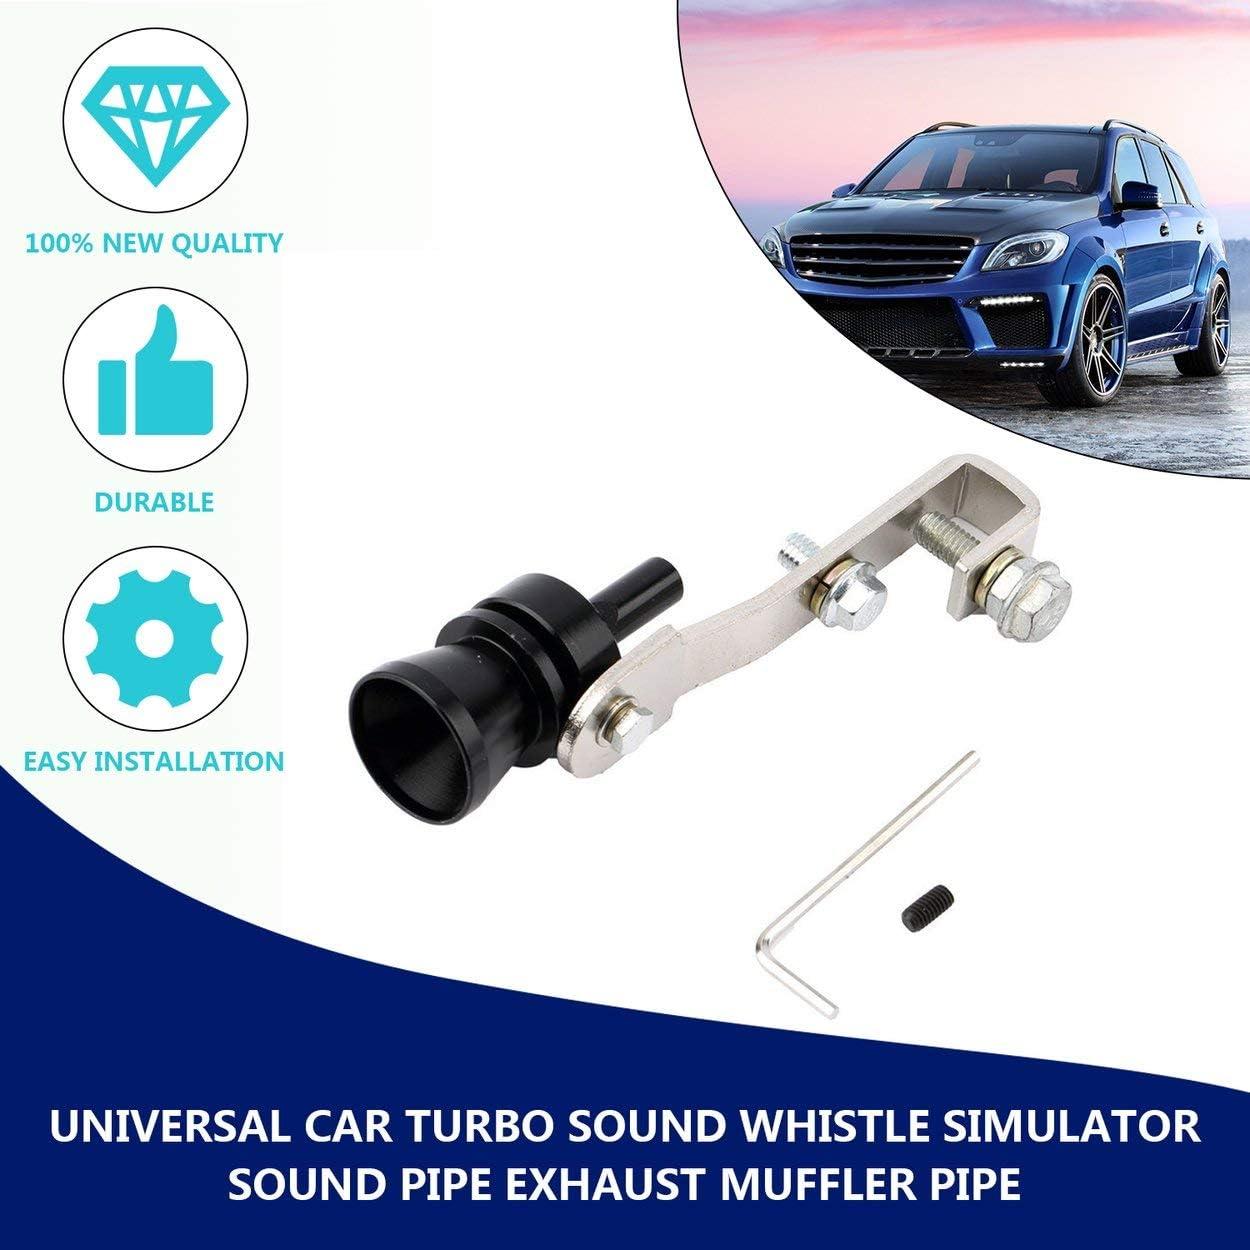 Tsubaya Alluminio Universale Auto Auto BOV Turbo Suono Fischietto Tubo Suono simulatore Tubo Tubo di Scarico marmitta Tubo